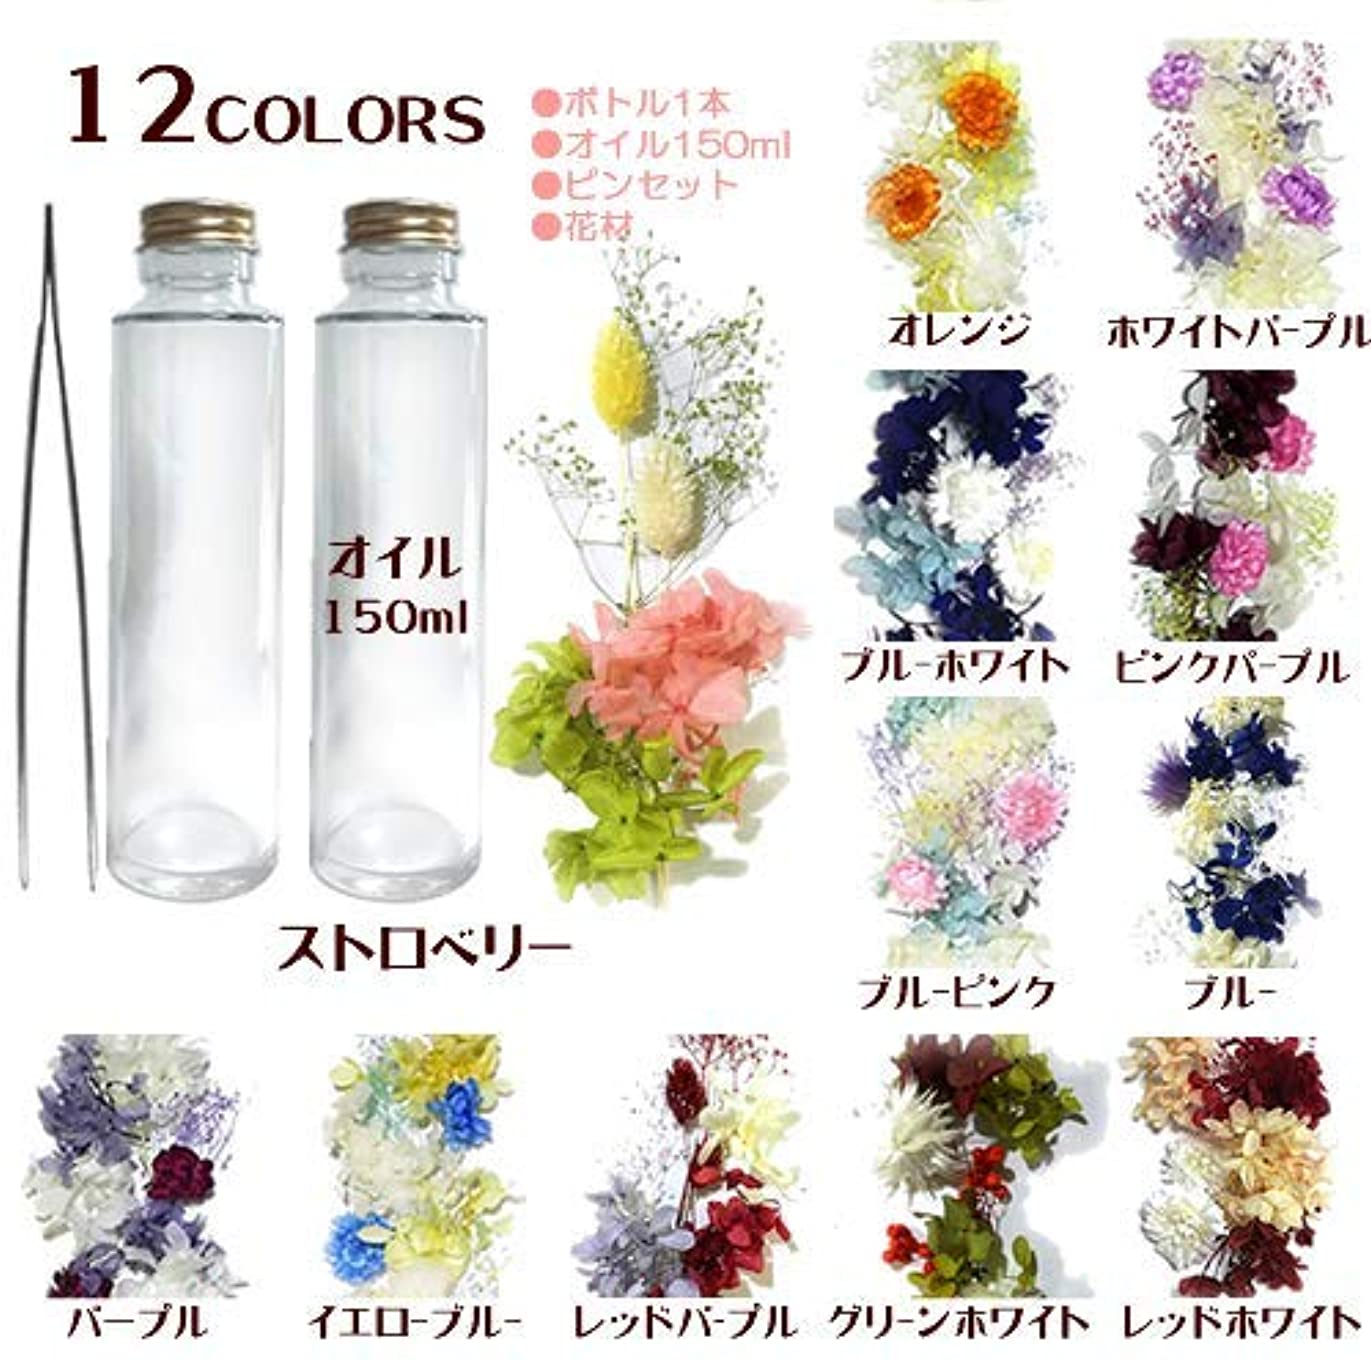 見捨てられた角度申込み選べる花材12色 ハーバリウムキット 150ml円柱ボトル オイル150ml ピンセット付き (ストロベリー)